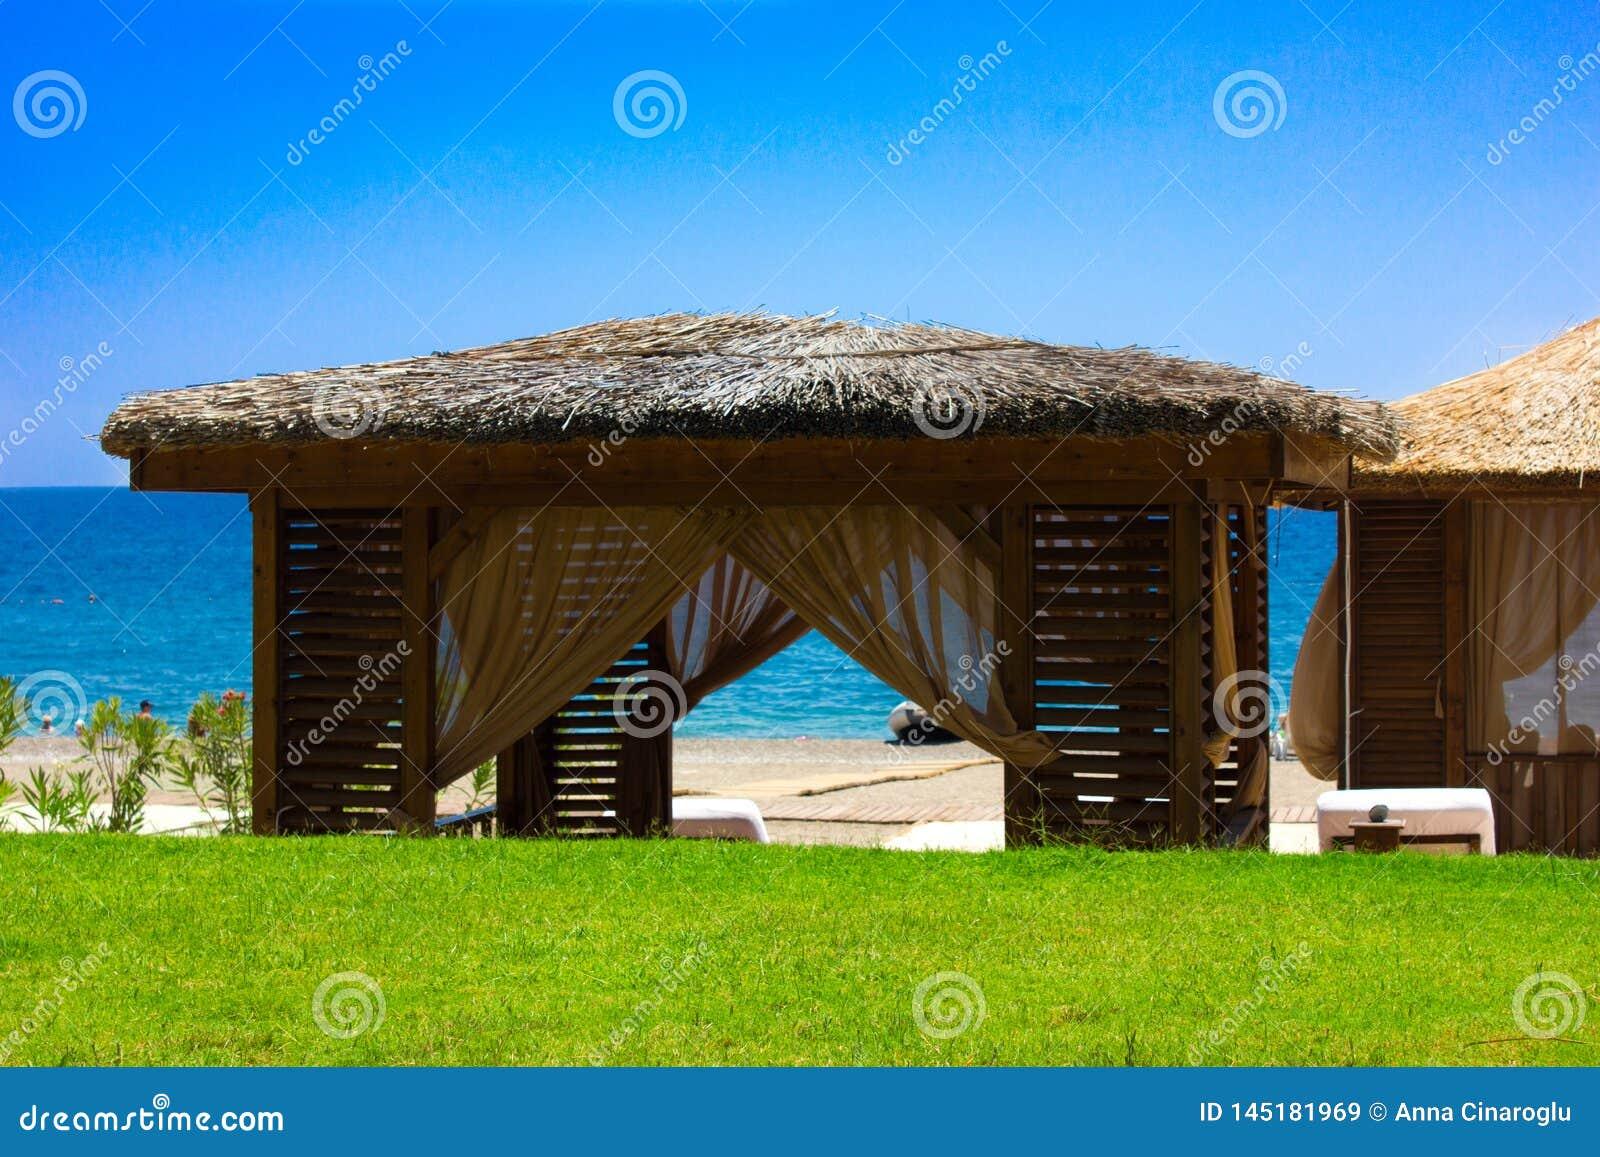 Pavillon mit einem Strohdach auf einem sandigen Strand Mittelmeersommer und Meer